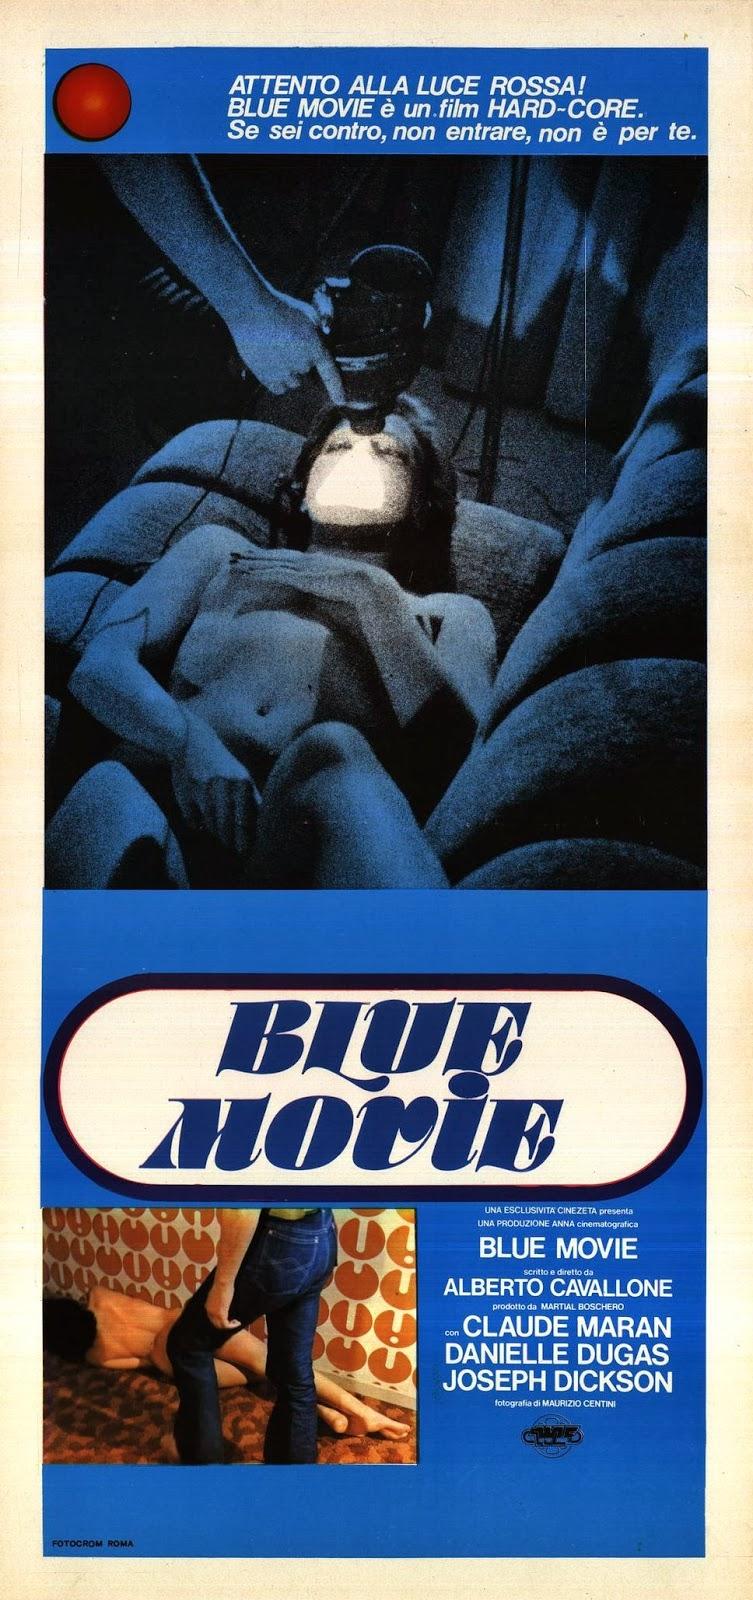 Blue Movie: la locandina del film